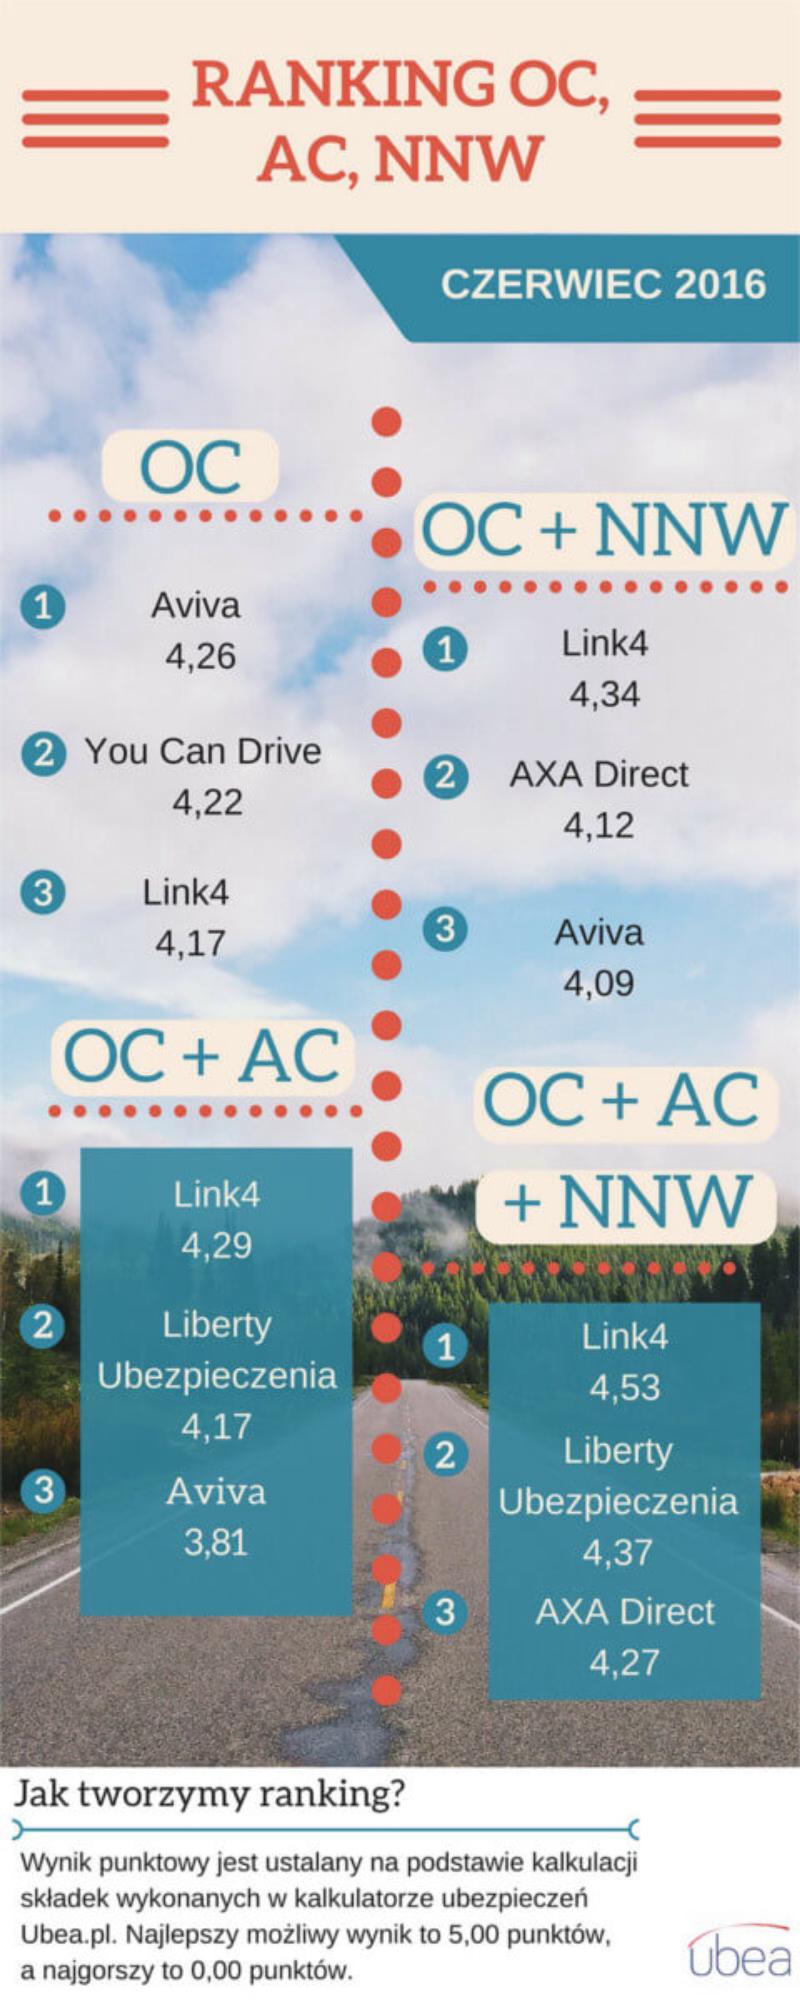 Ranking OC, AC, NNW - czerwiec 2016